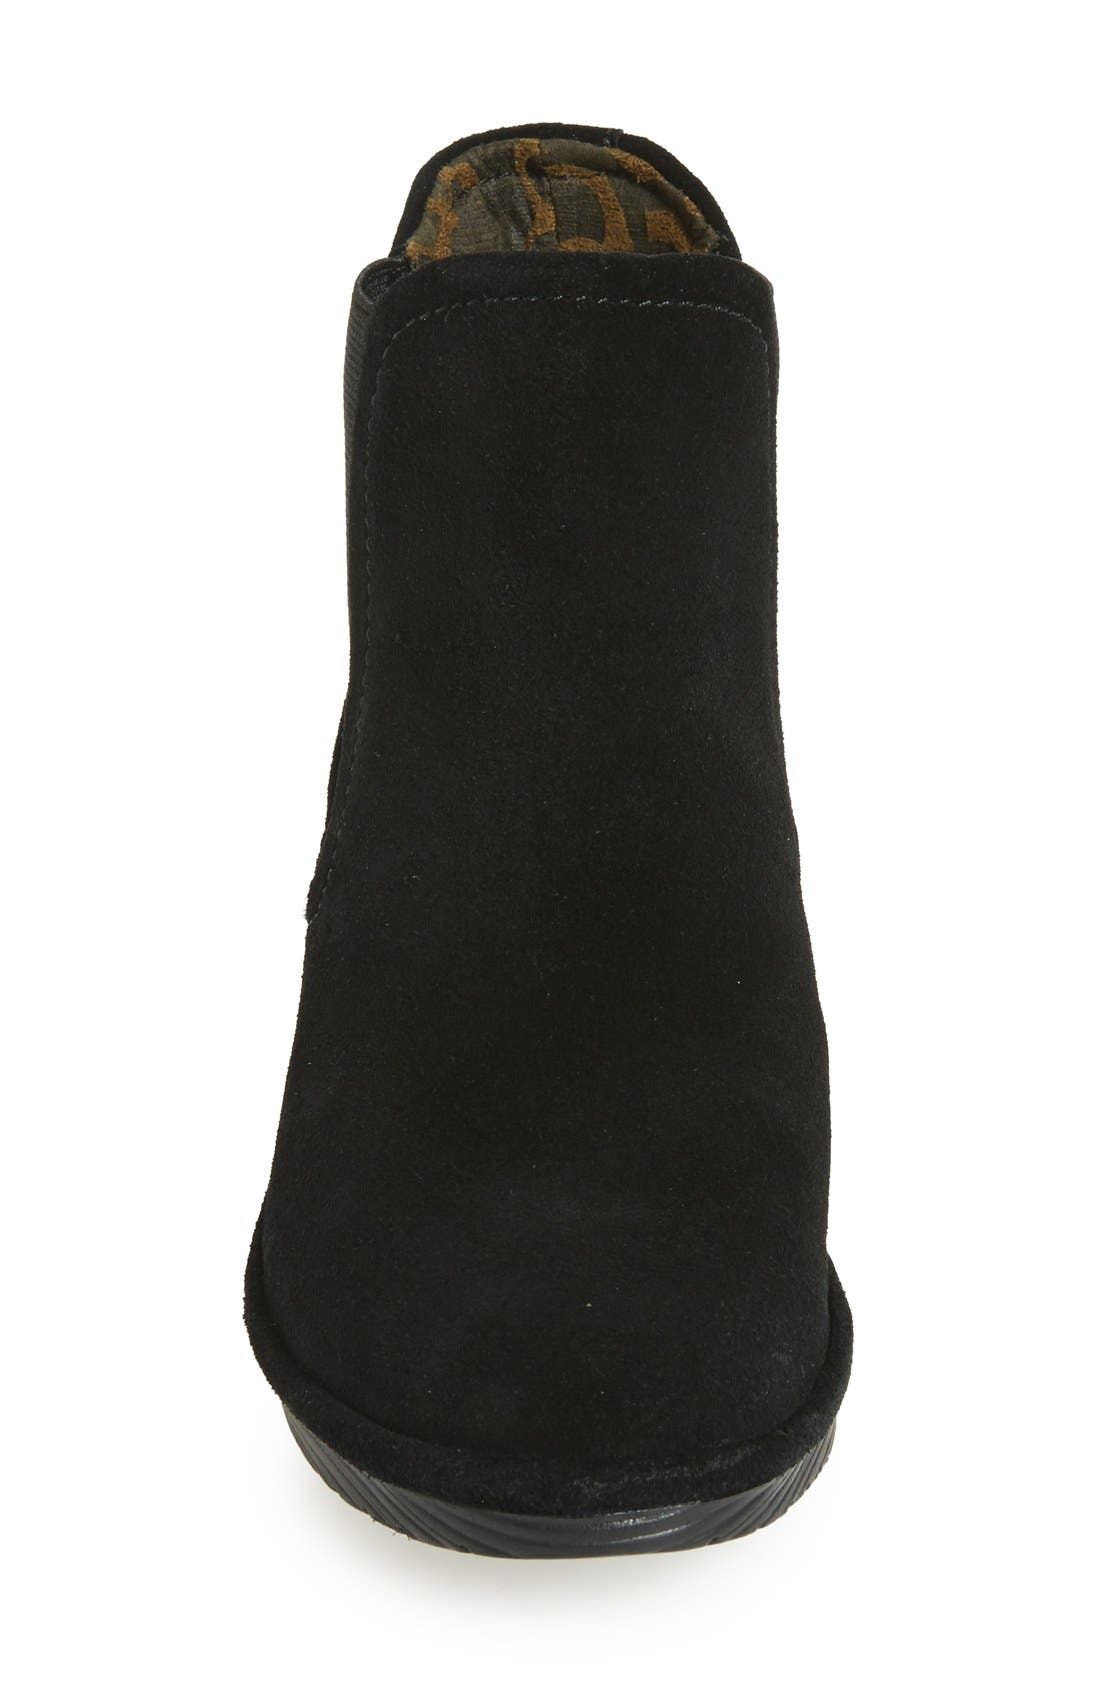 Alternate Image 3  - Fly London 'Phil' Chelsea Boot (Women)